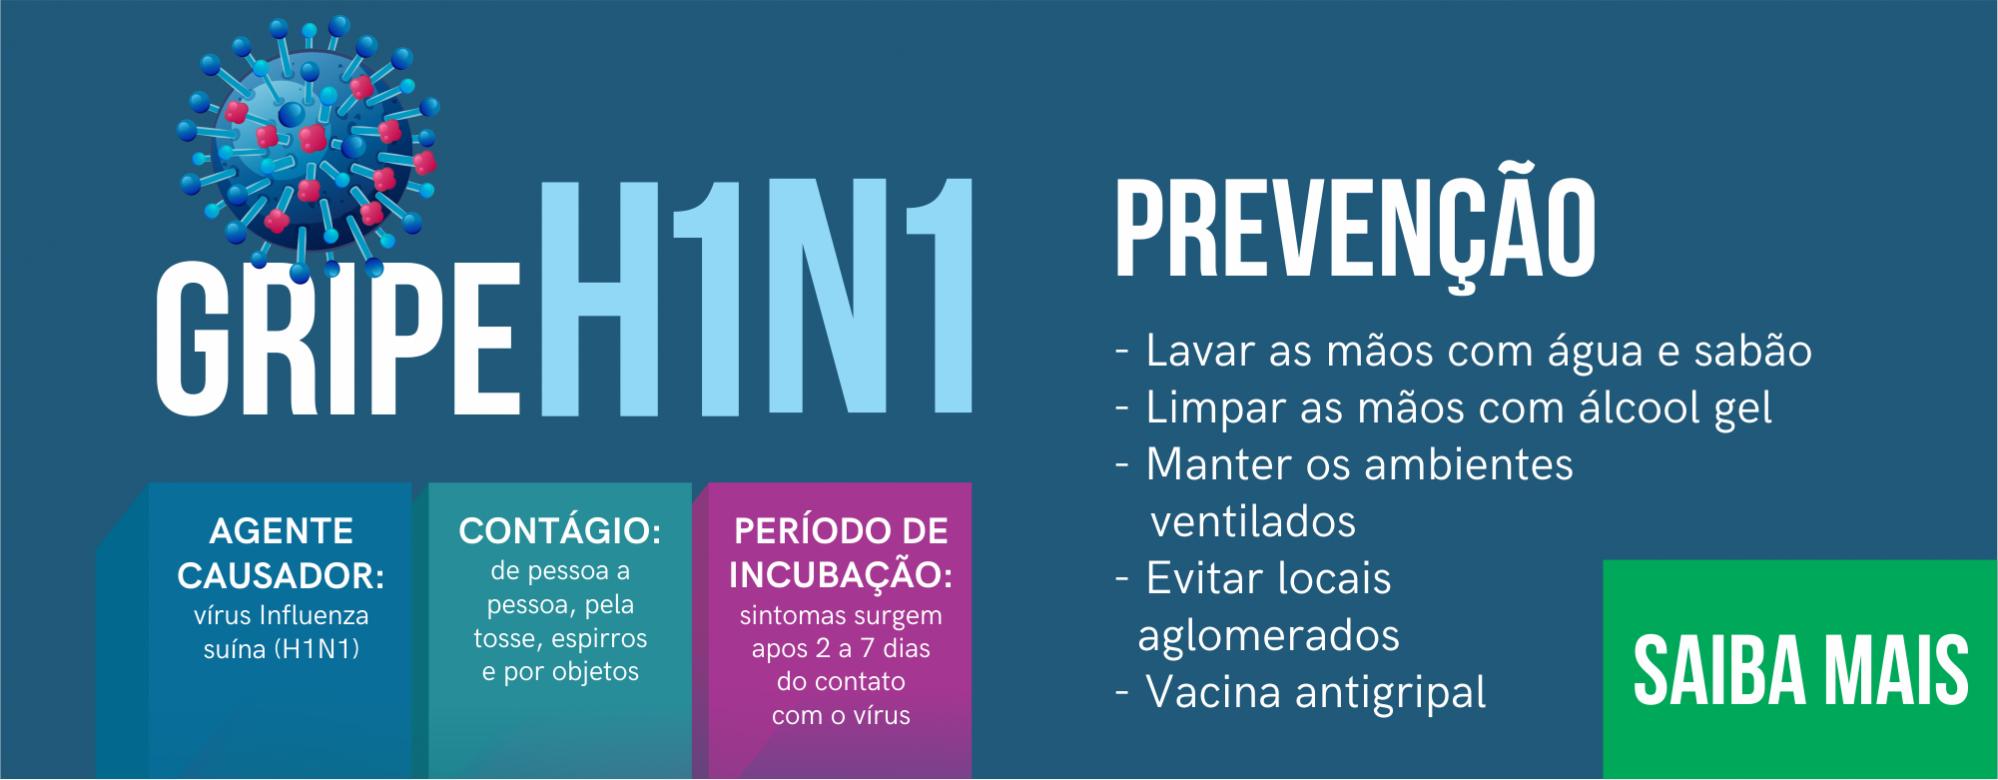 gripe h1n1. saiba mais